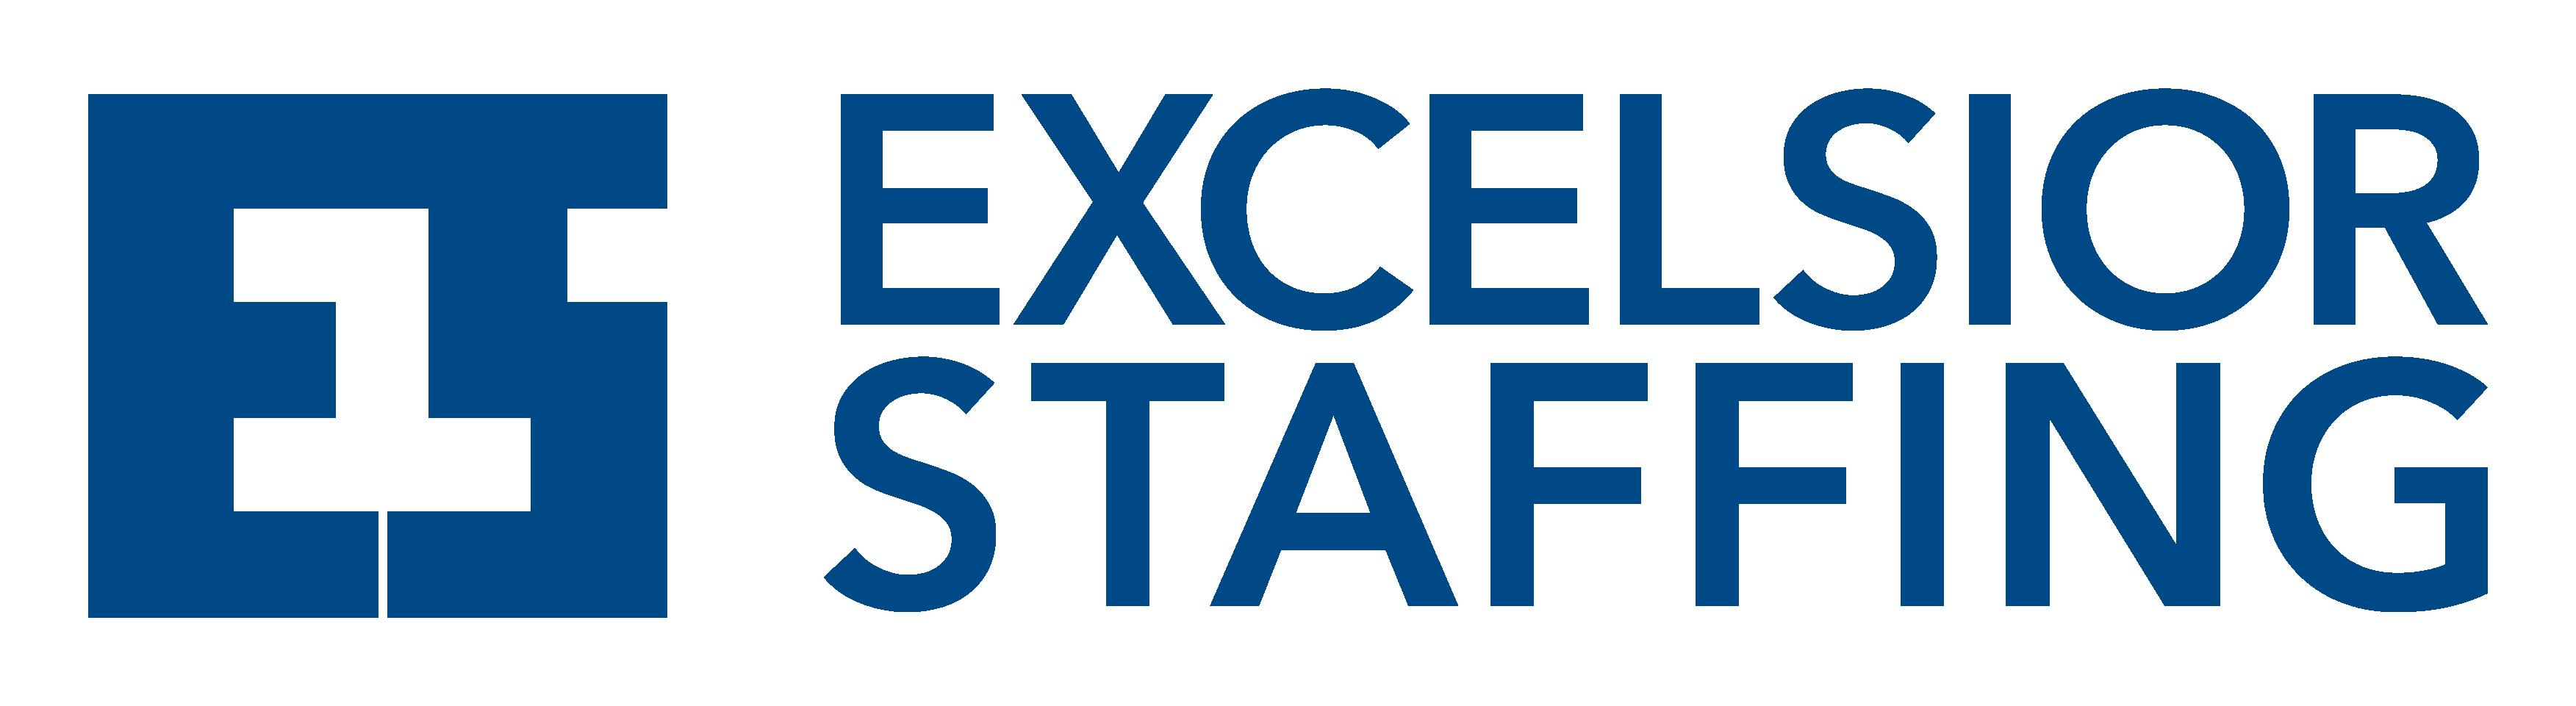 Excelsior Staffing